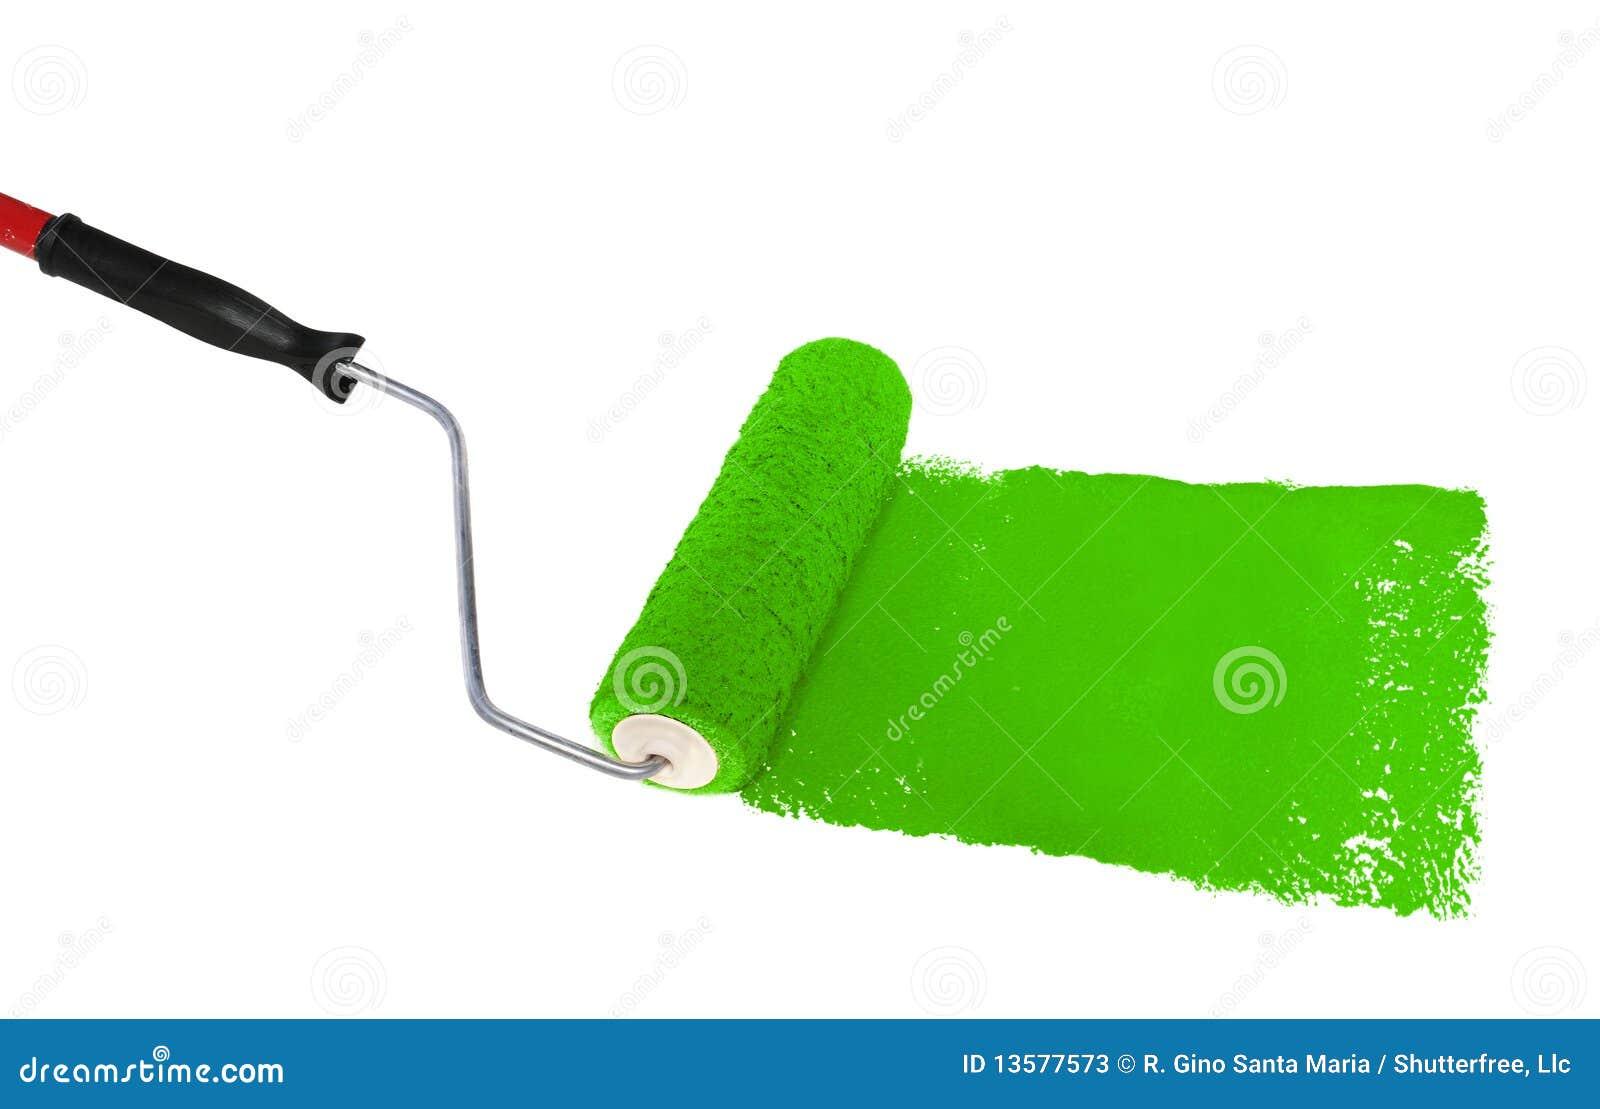 绿色漆滚筒